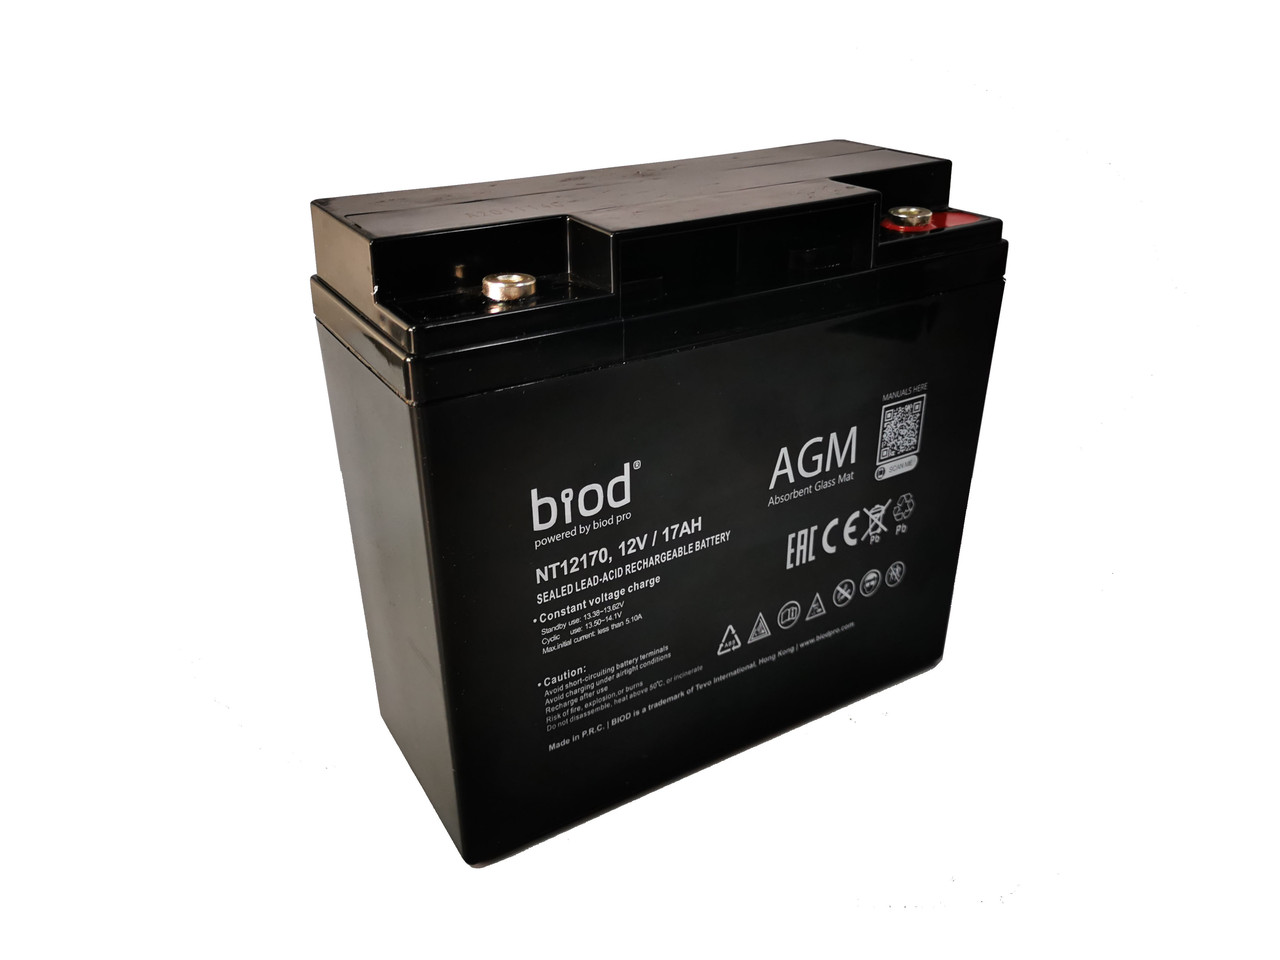 Аккумуляторная батарея 12В, 17Ач для ИБП